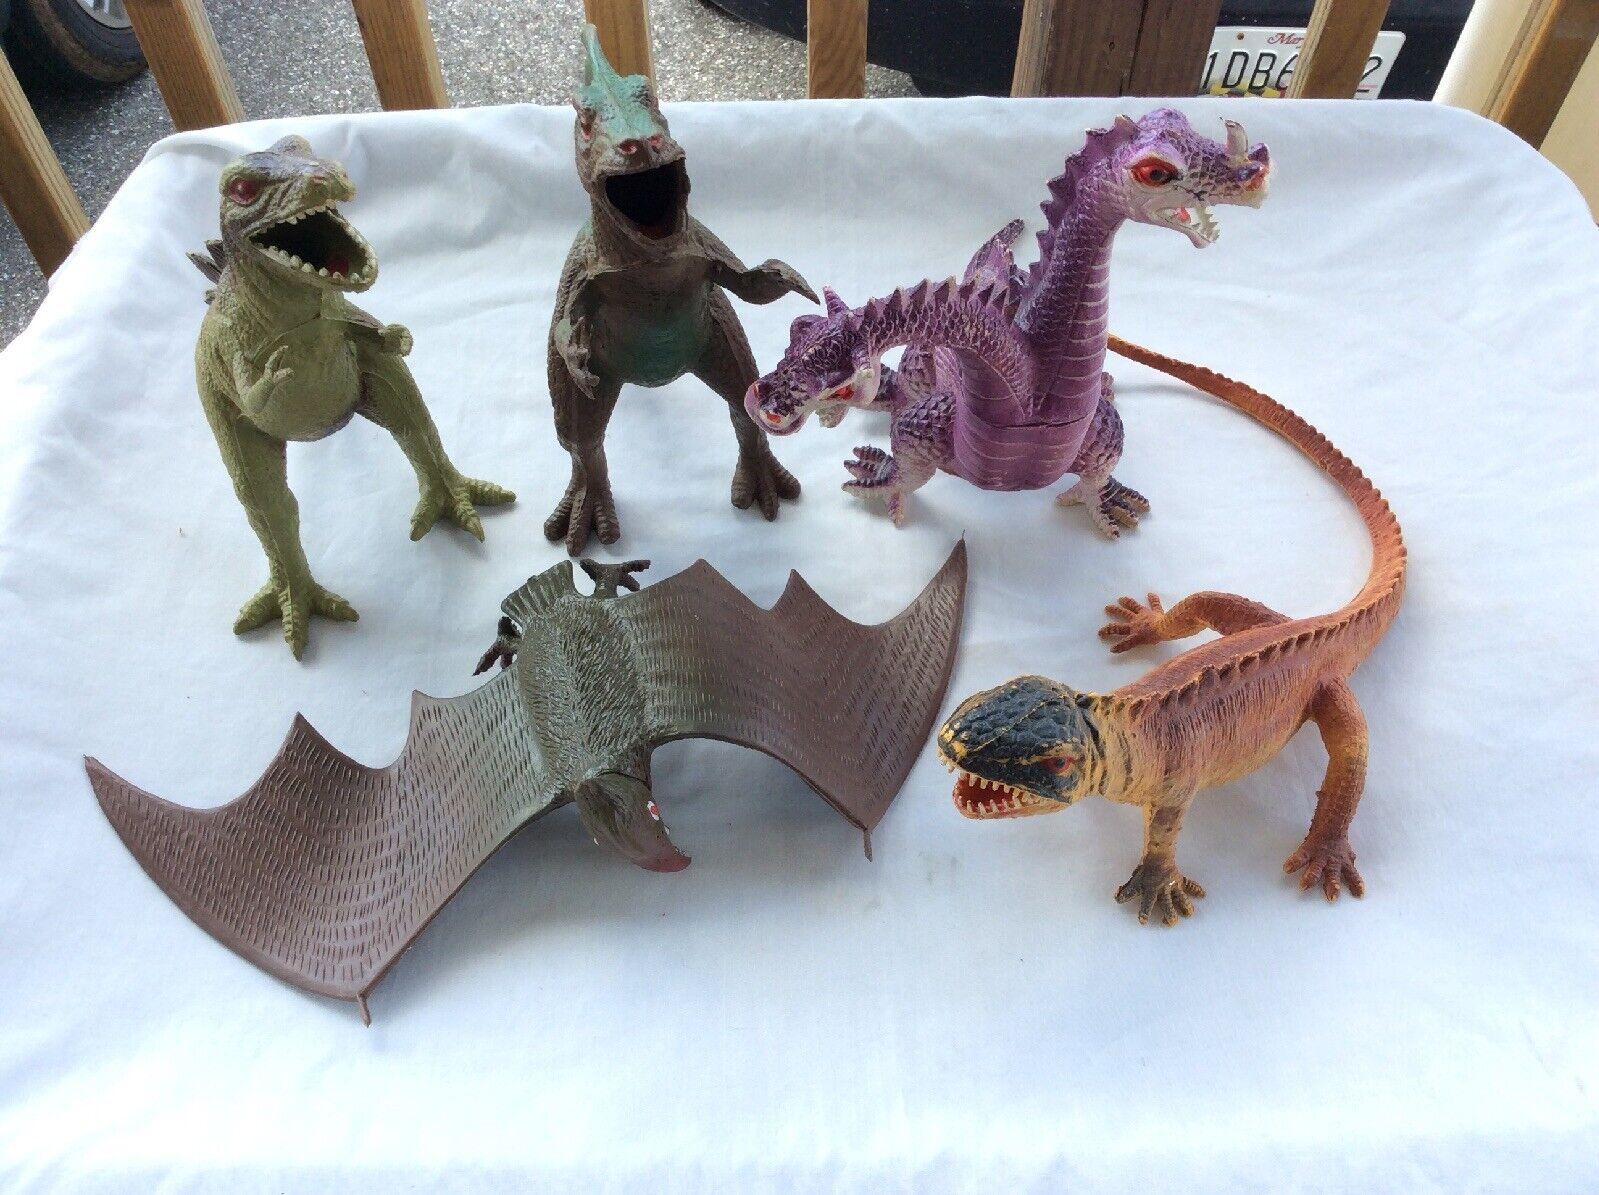 197983 IMPERIAL giocattolo DINOSAURO LOTTO giocattoliRNoi in Gomma Plastica due teste Dragon BAT